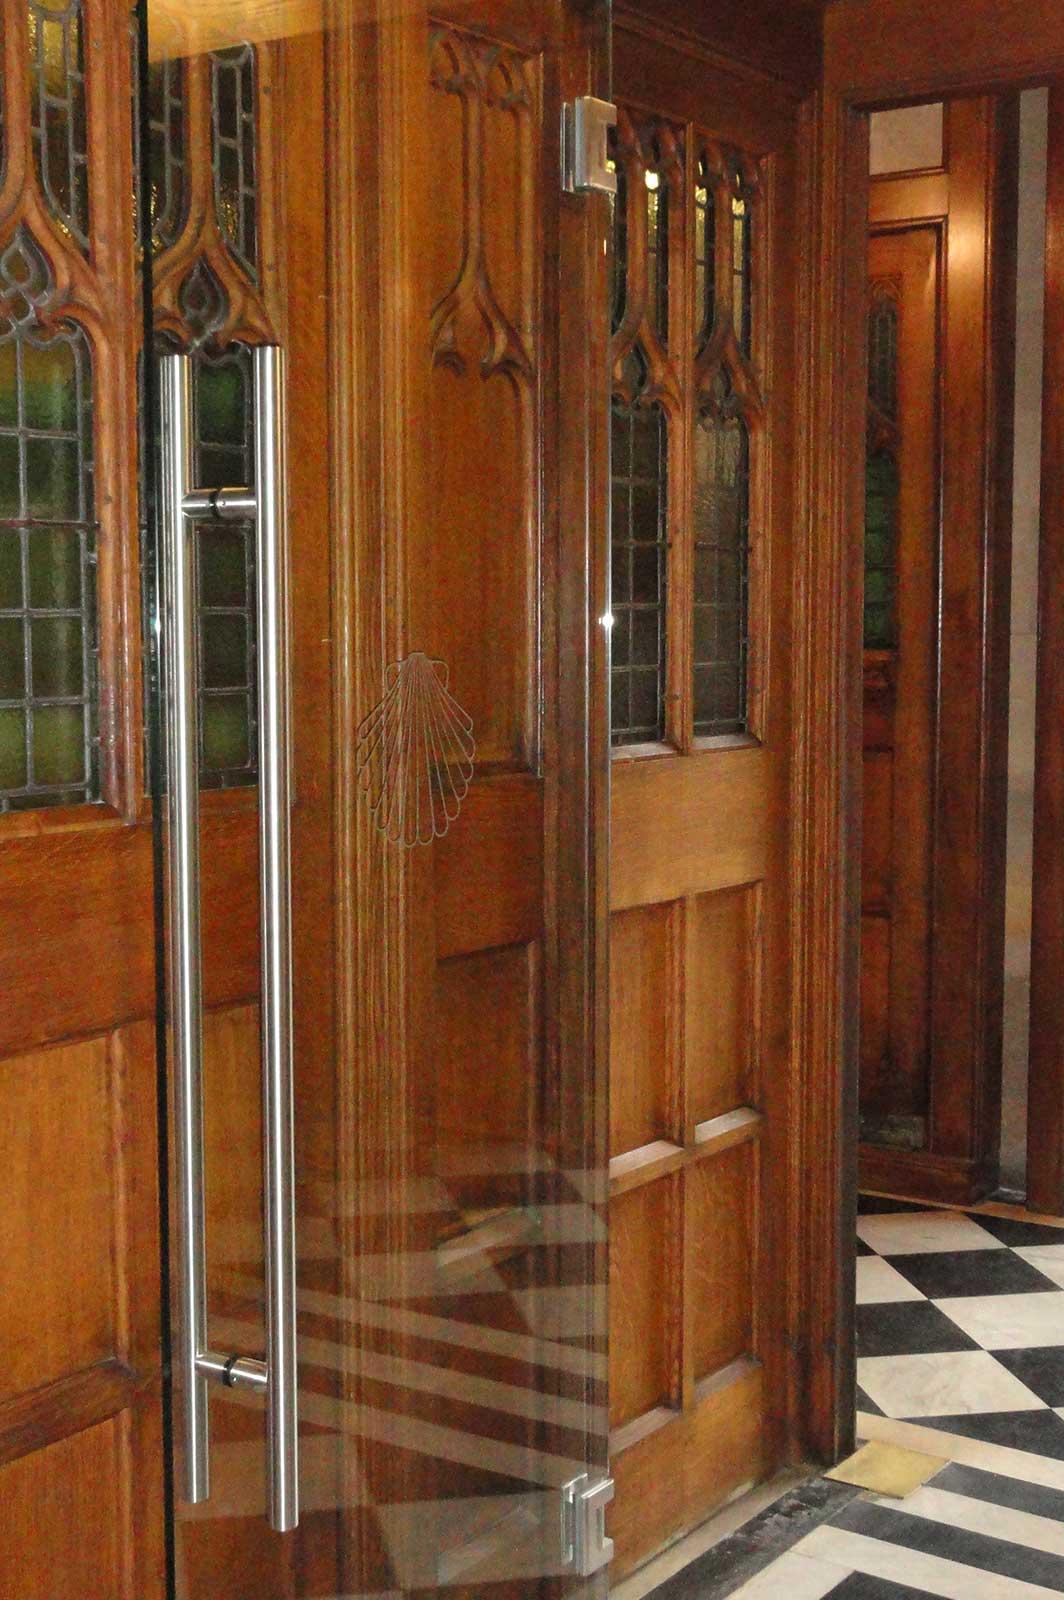 Bespoke Glass Door set into Original Wooden Frame